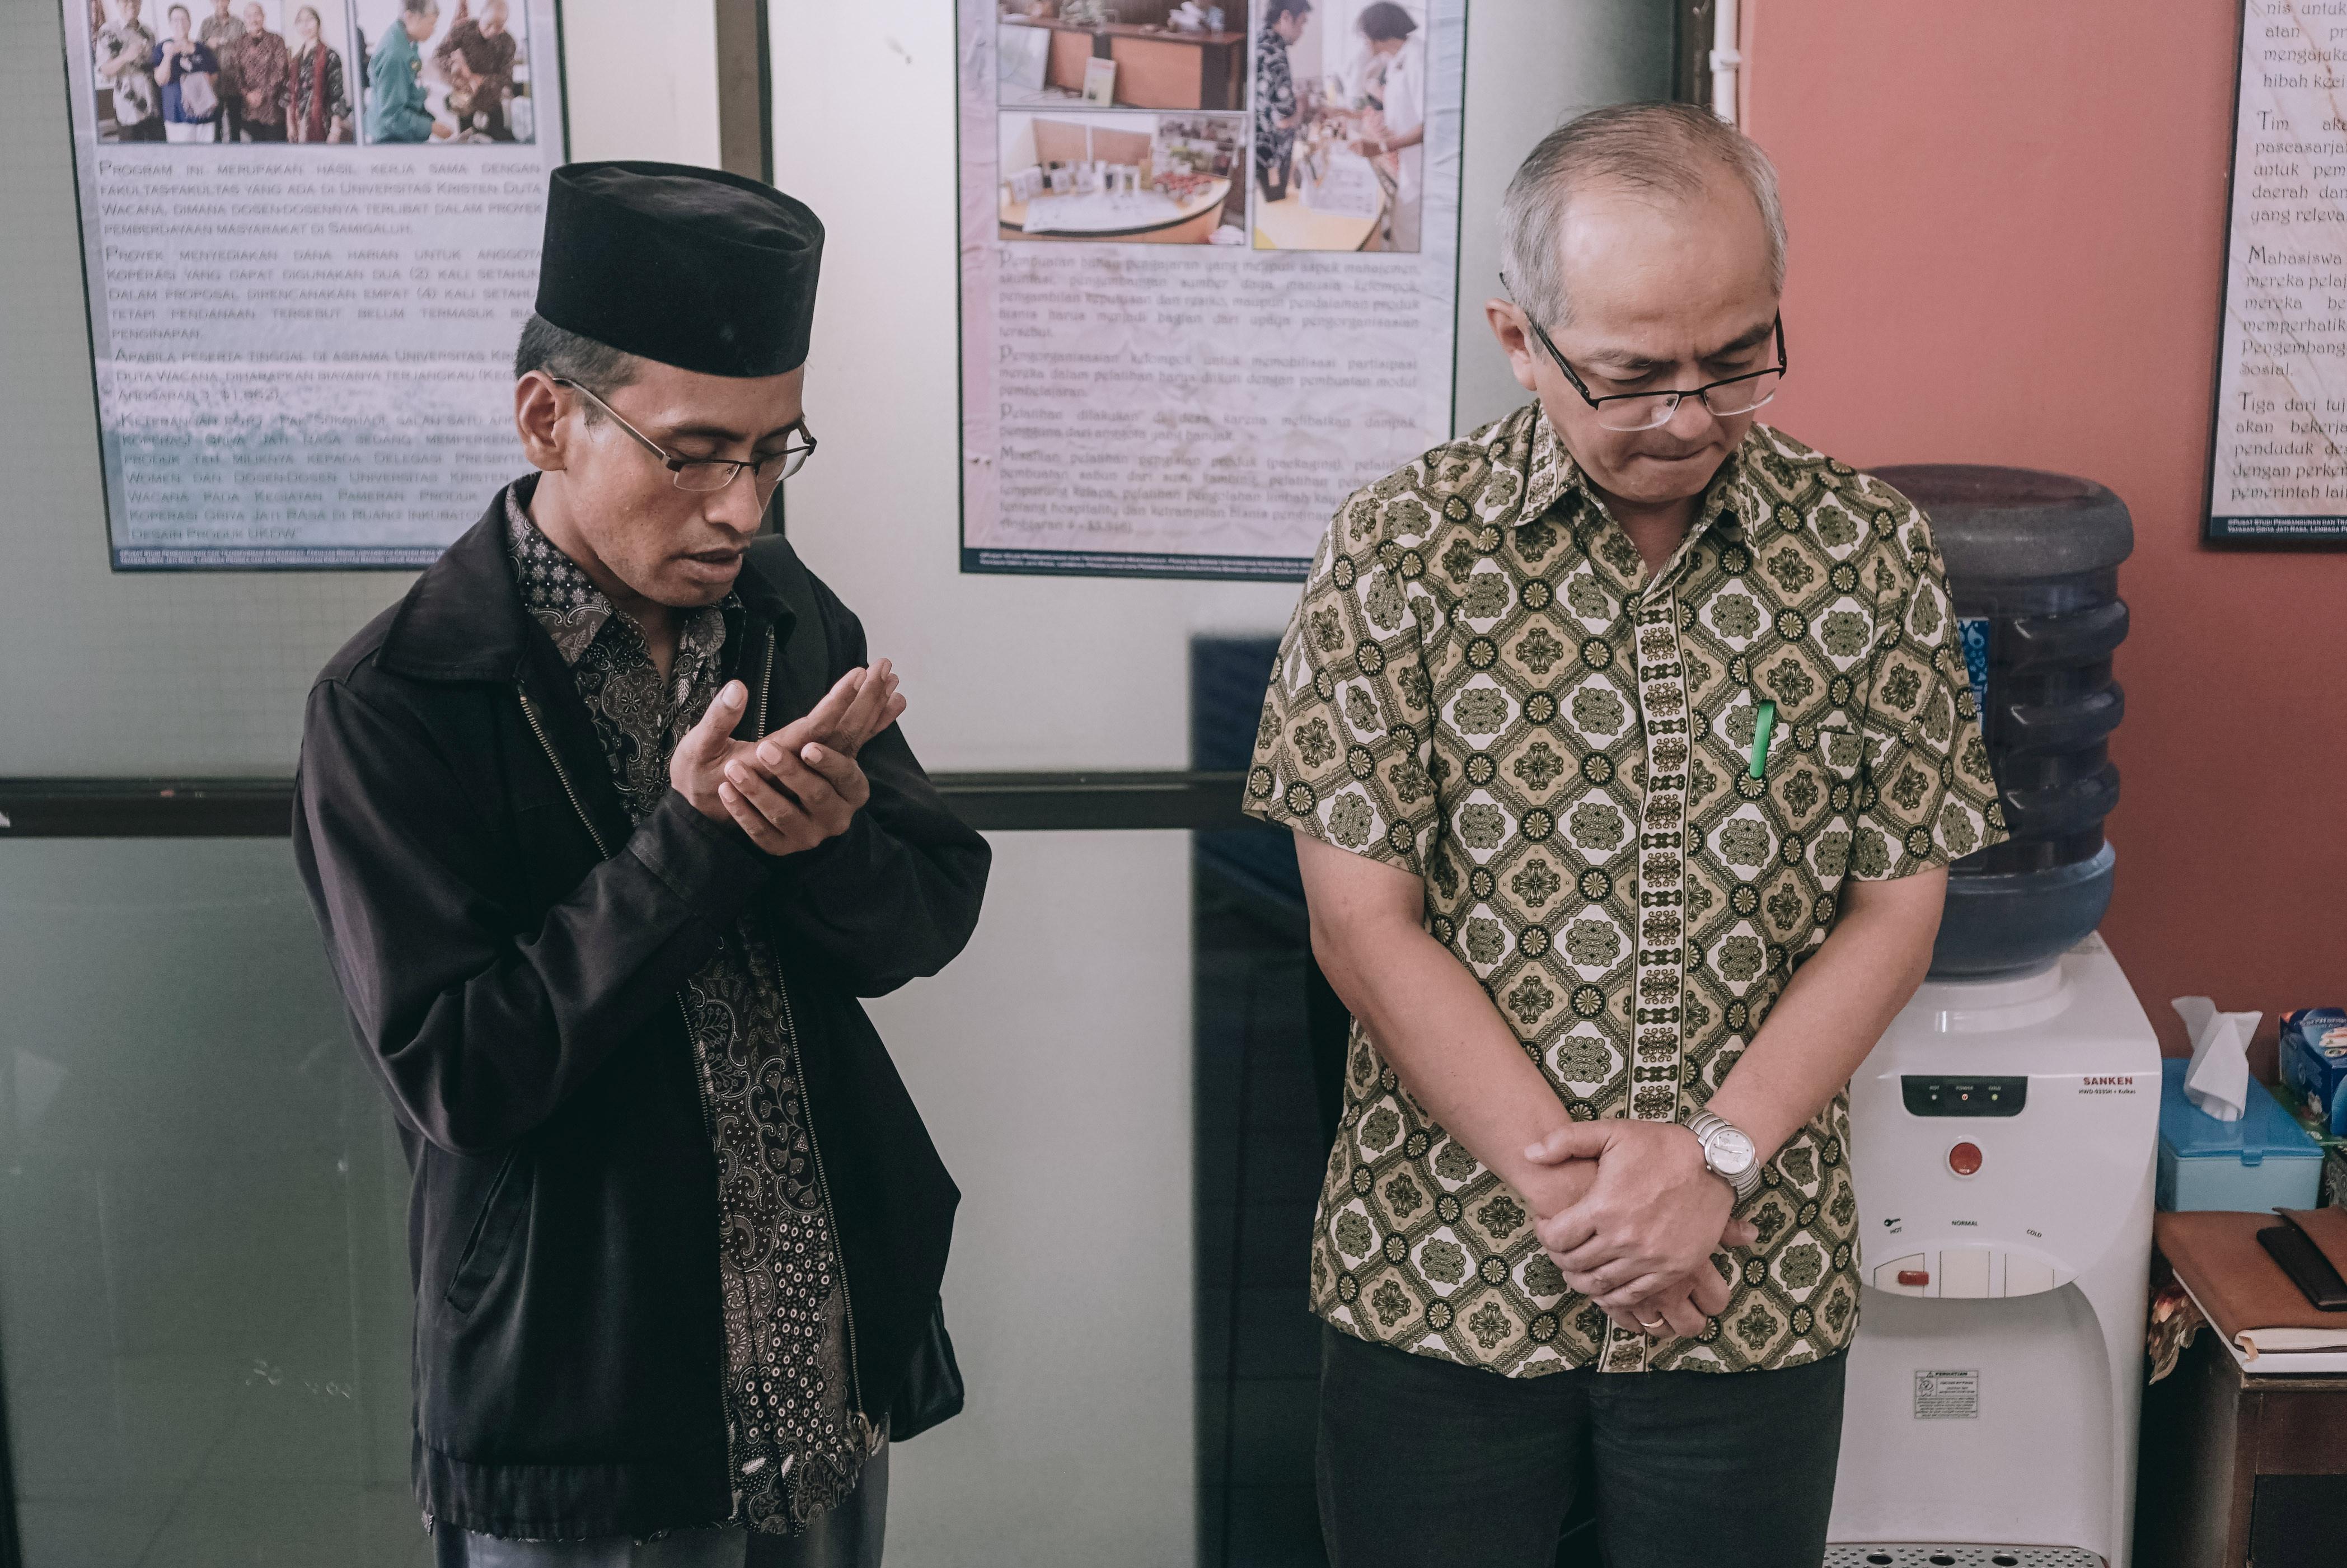 Ustad Benny leading prayer alongside Henry.